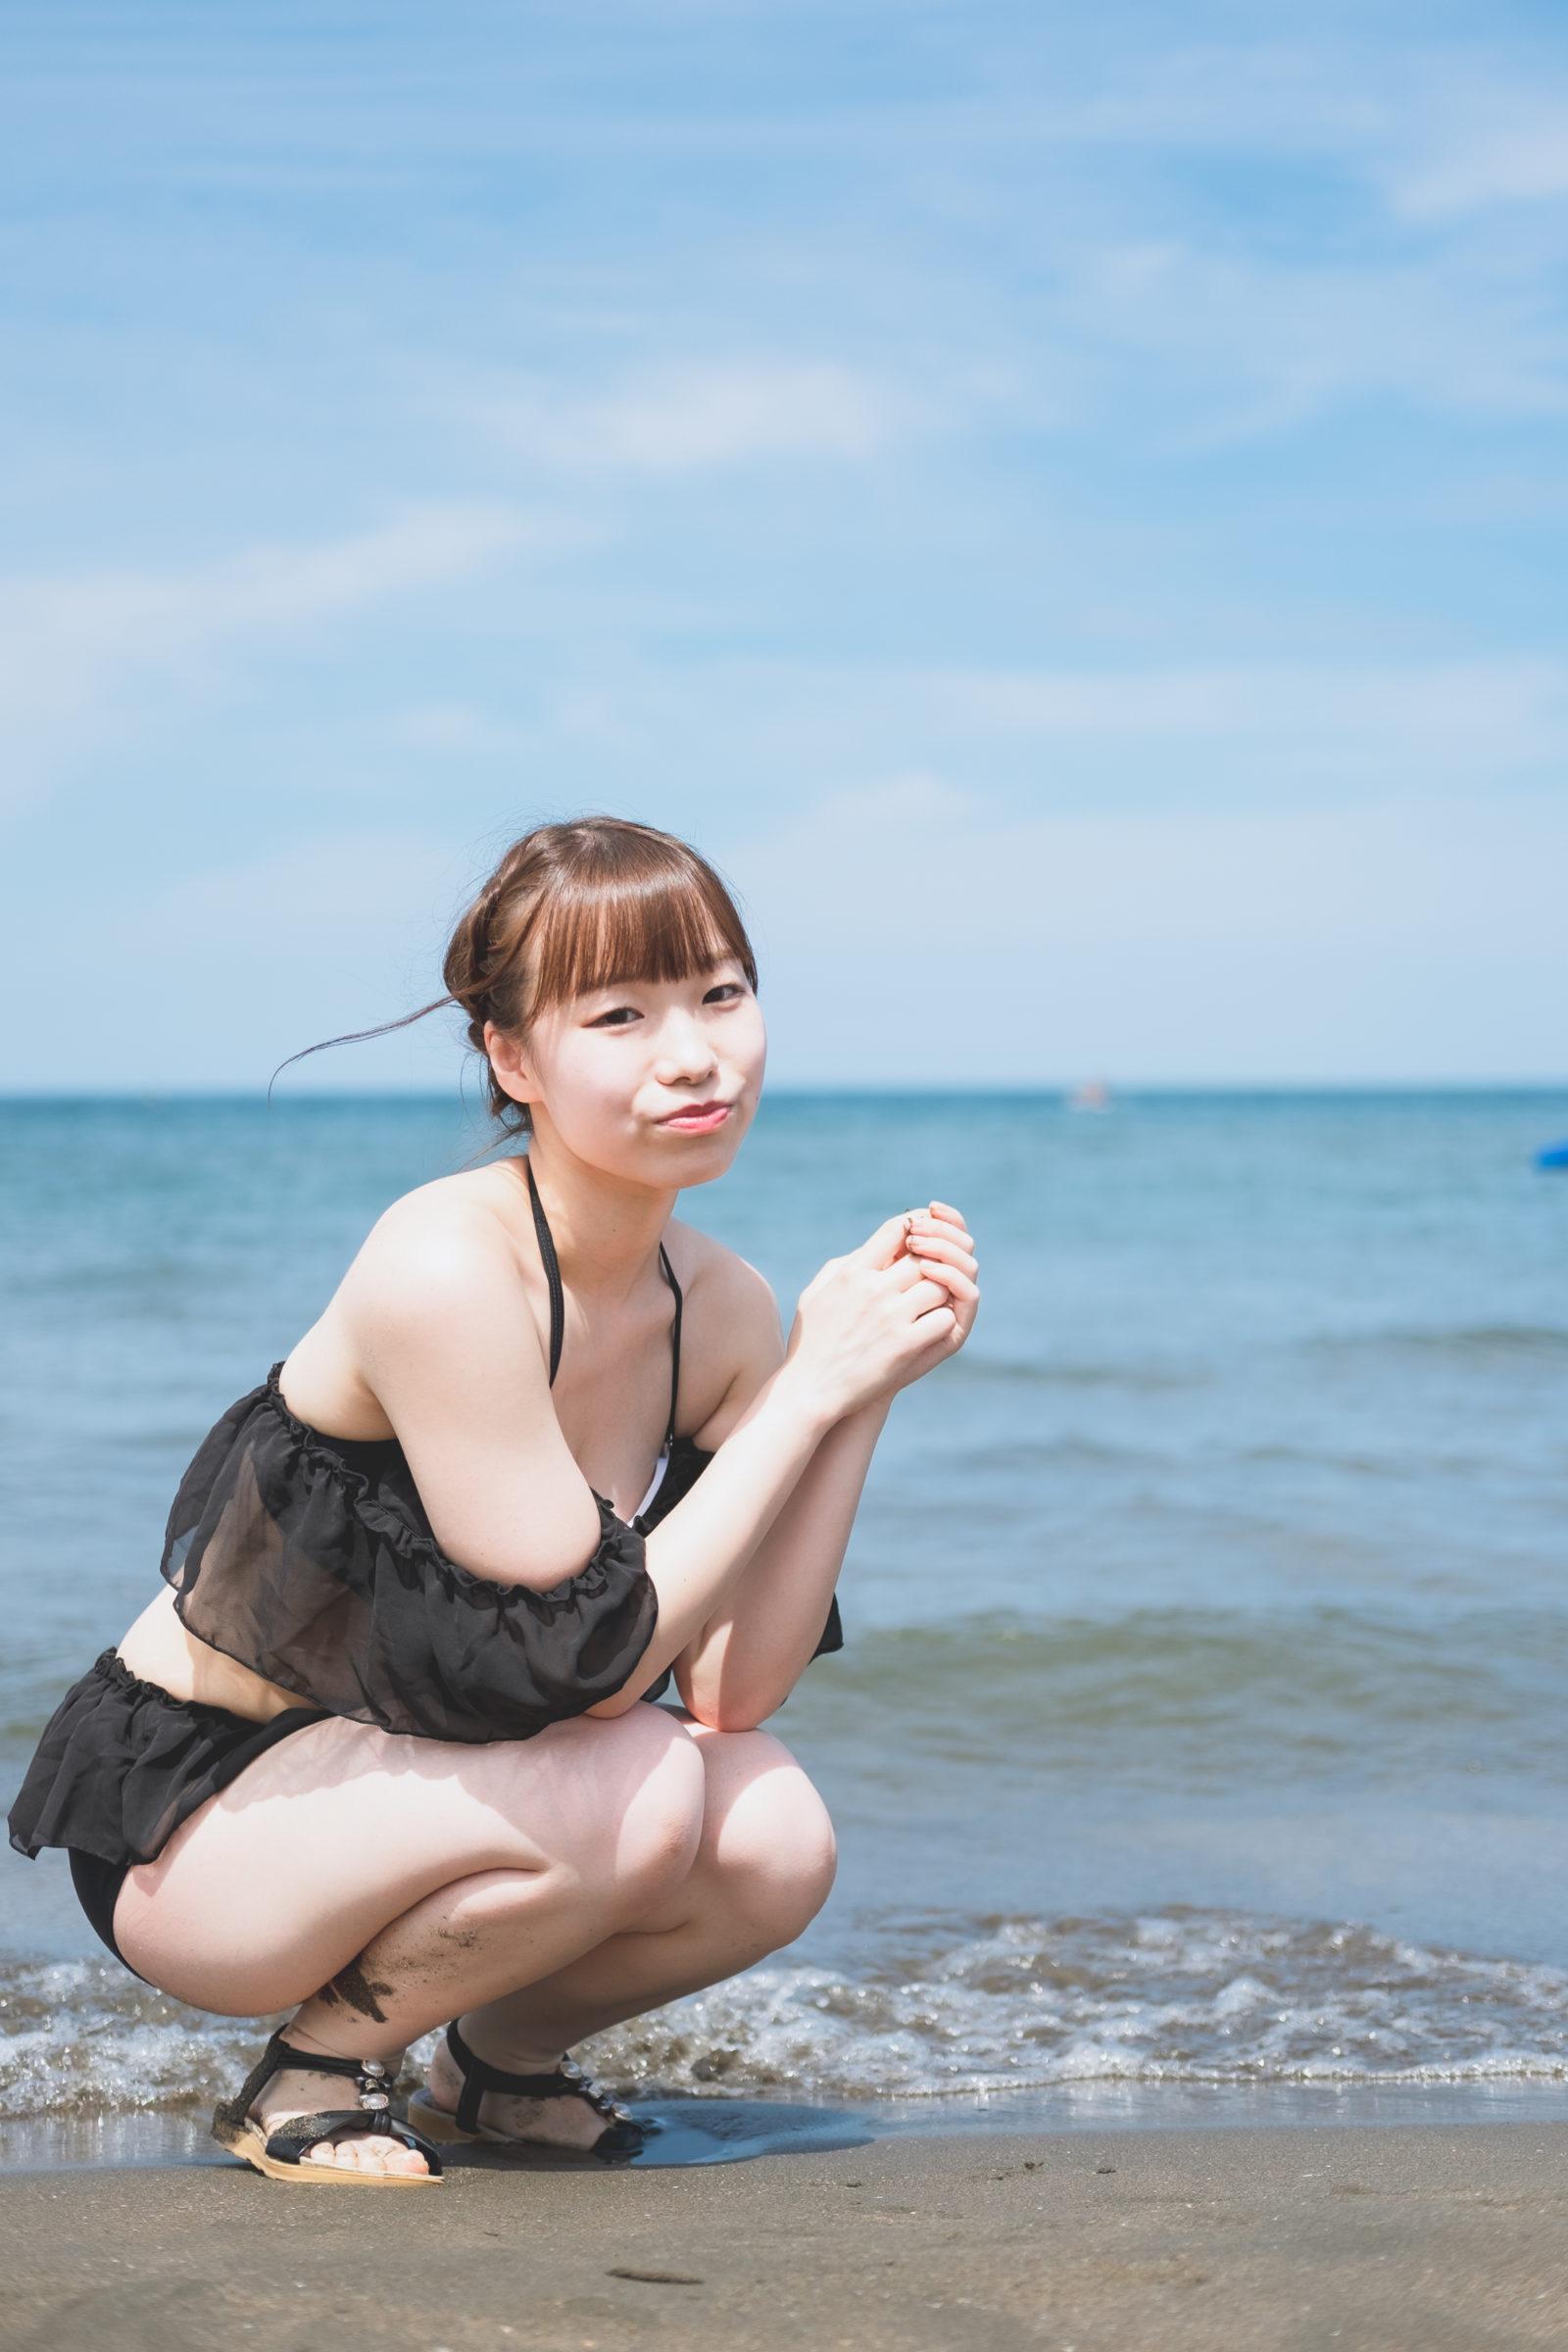 3代目HAPPY少女♪ やよたん ( 藤本やよい ) | ライブプロ海イベント2020水着撮影会